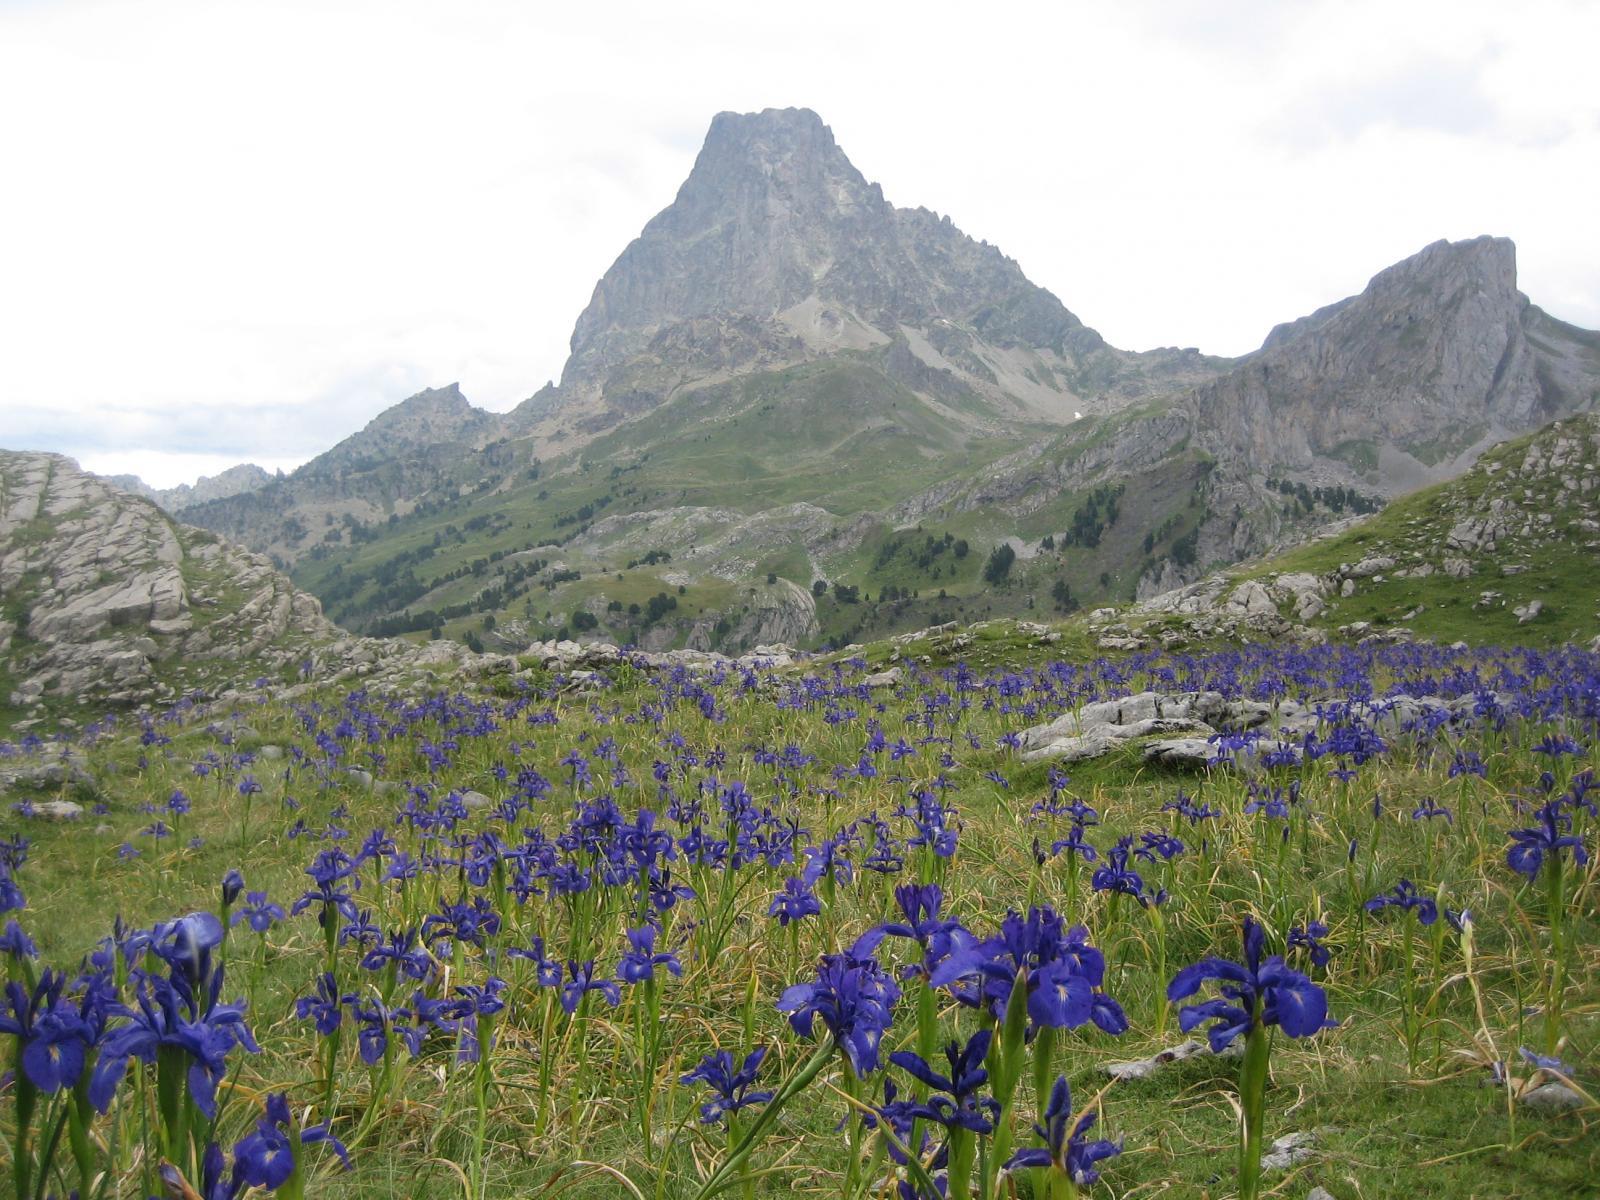 Iris in fiore, e Pic d'Ossau sullo sfondo